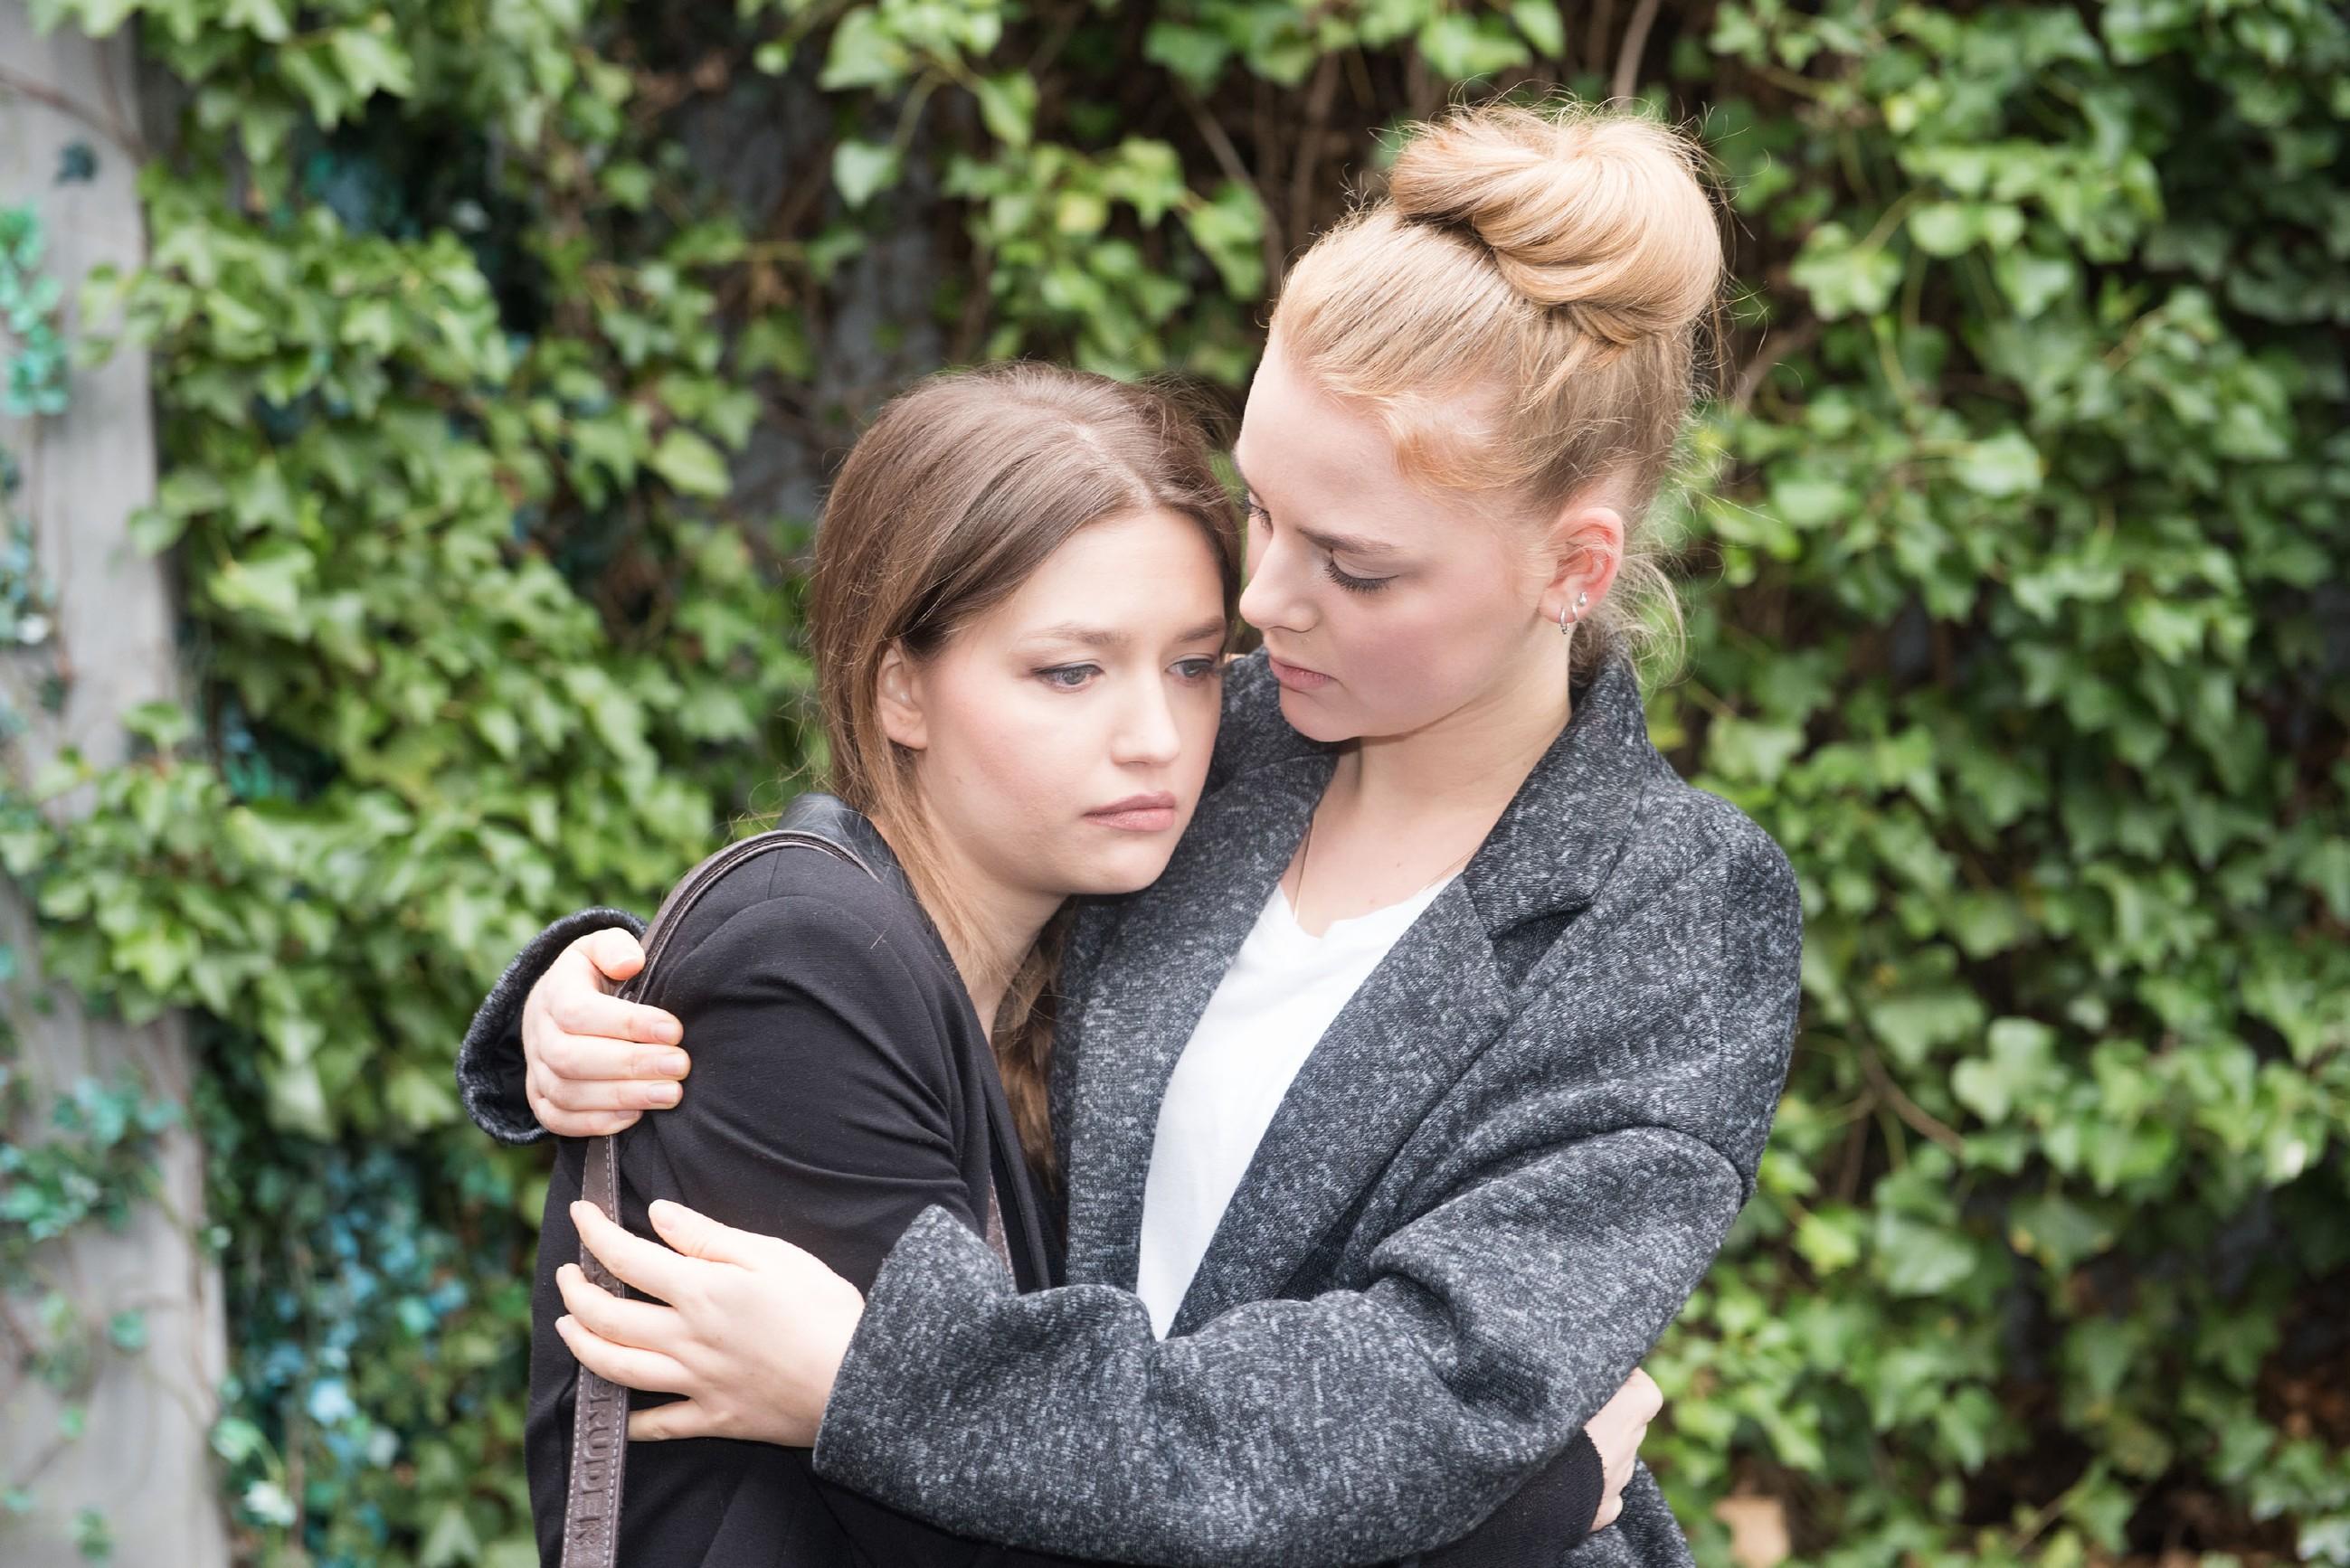 Die zutiefst verletzte Jule (Amrei Haardt, l.) wird von Fiona (Olivia Burkhart) aufgefangen. (Quelle: RTL / Stefan Behrens)